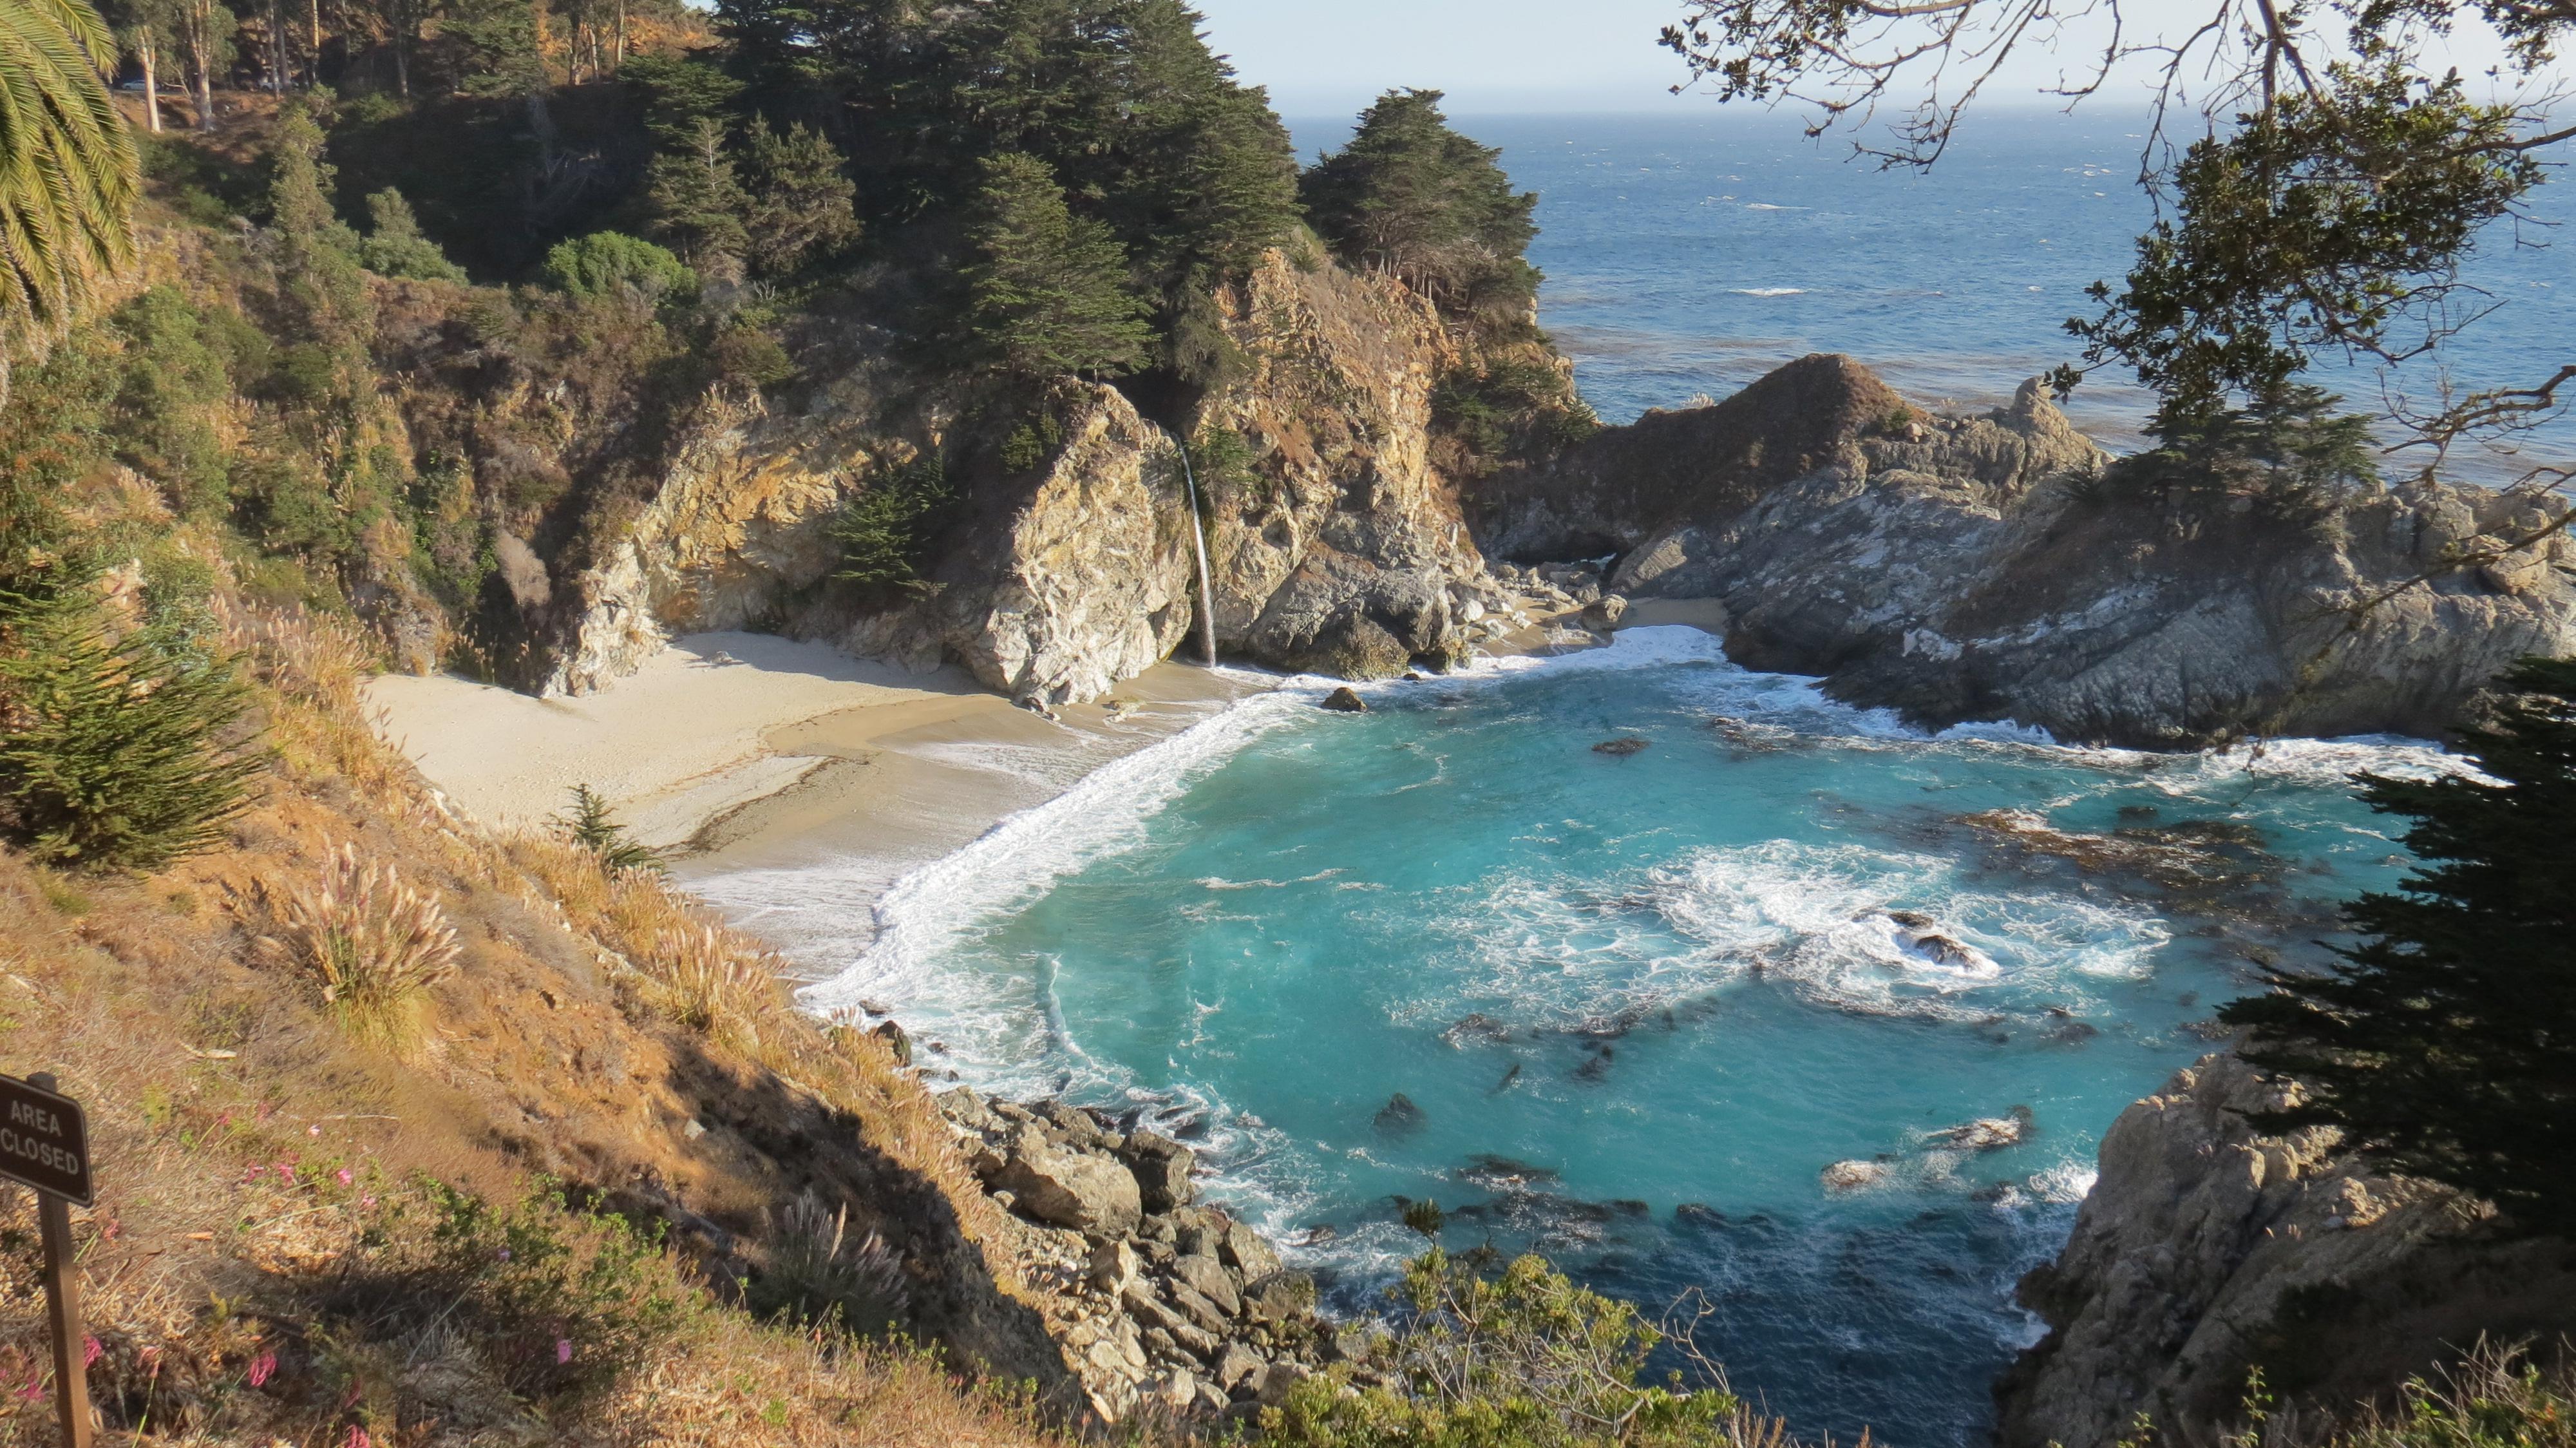 Principal atração do Julia Pfeiffer Park, a cachoeira de 24 metros de altura despeja água doce sobre a praia, que, infelizmente, é fechada ao público